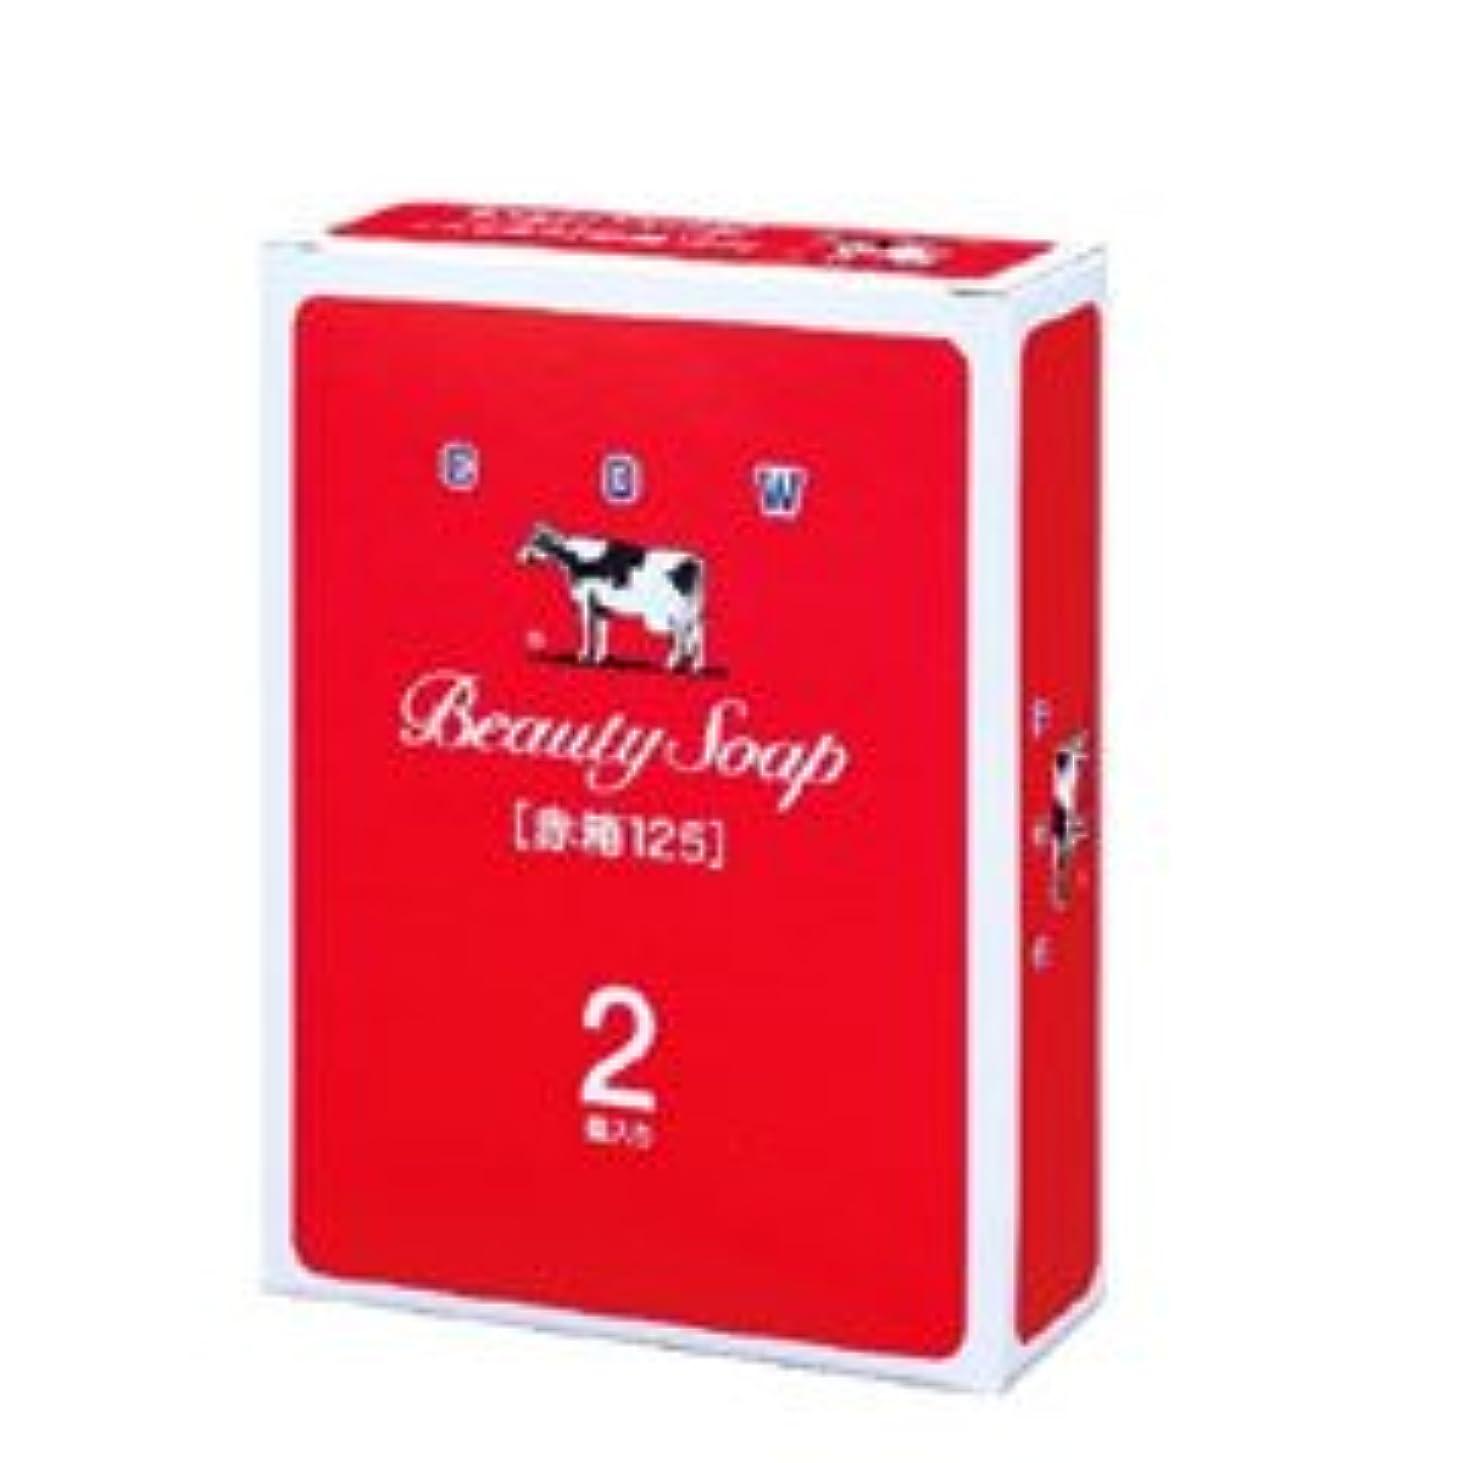 日焼けピックメロディー【牛乳石鹸】カウブランド 赤箱 125 2個入り